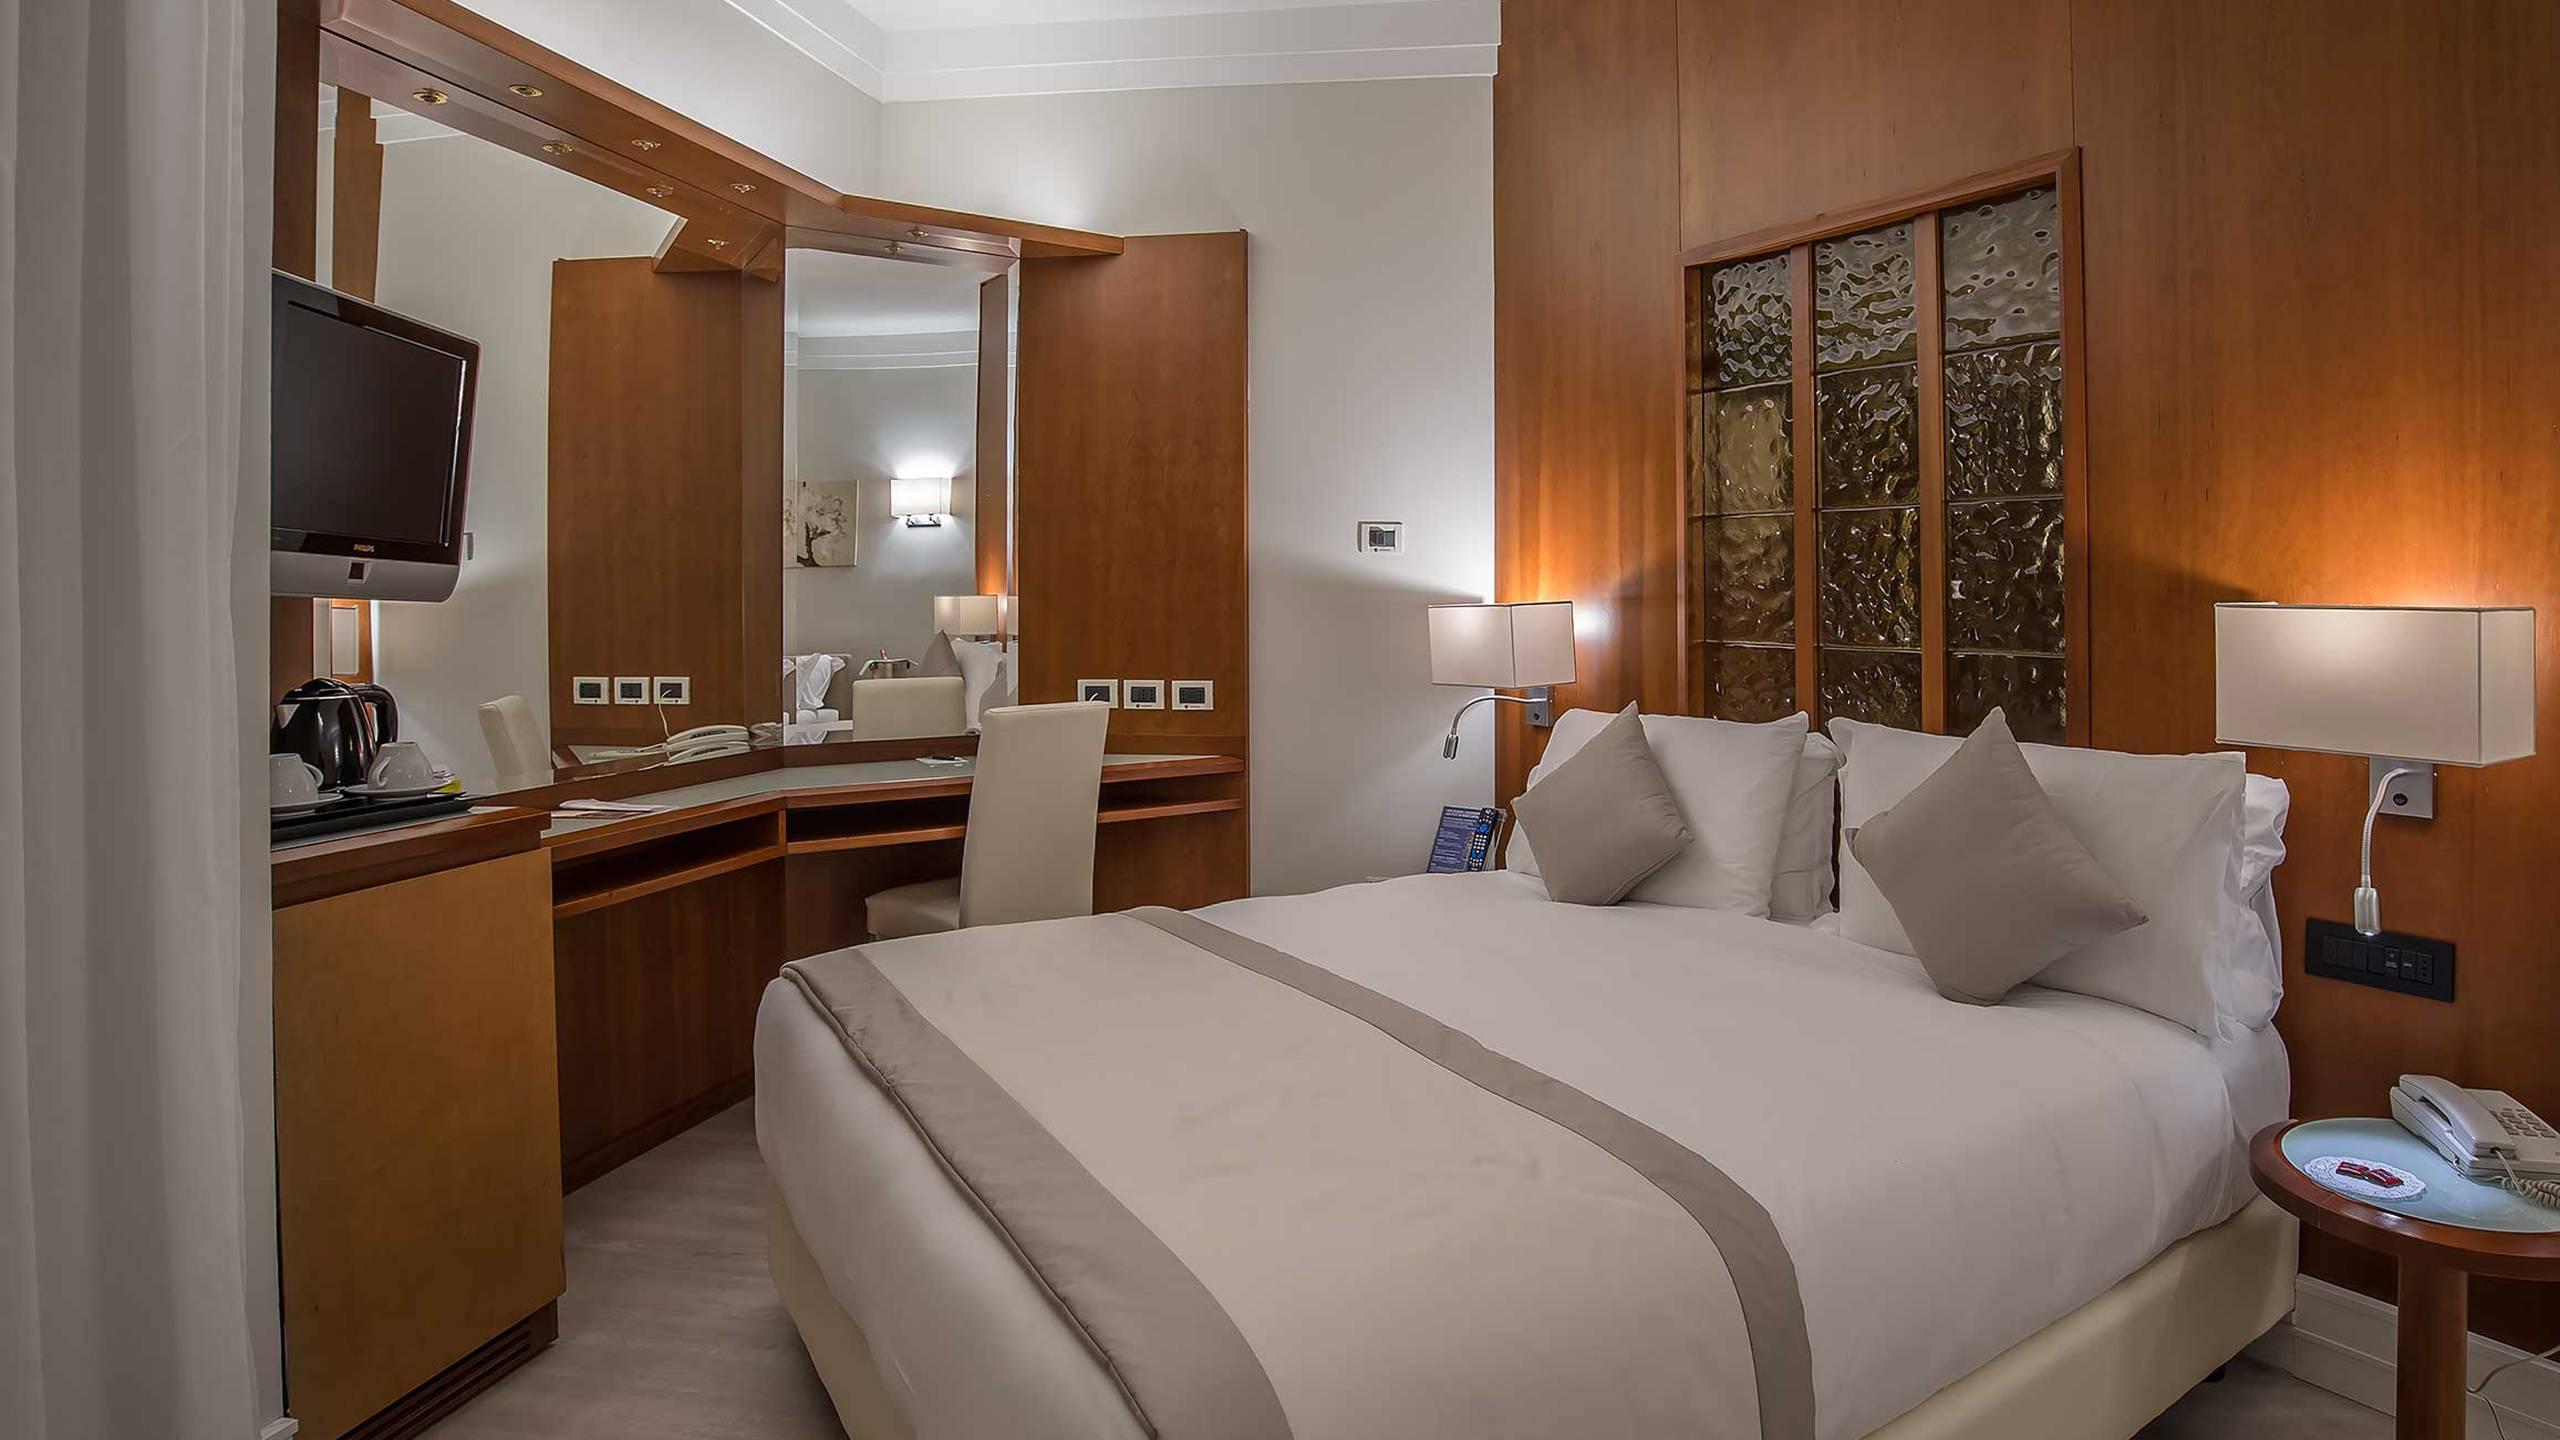 DSC-9036--New-Hotel-LaGiocca-Roma